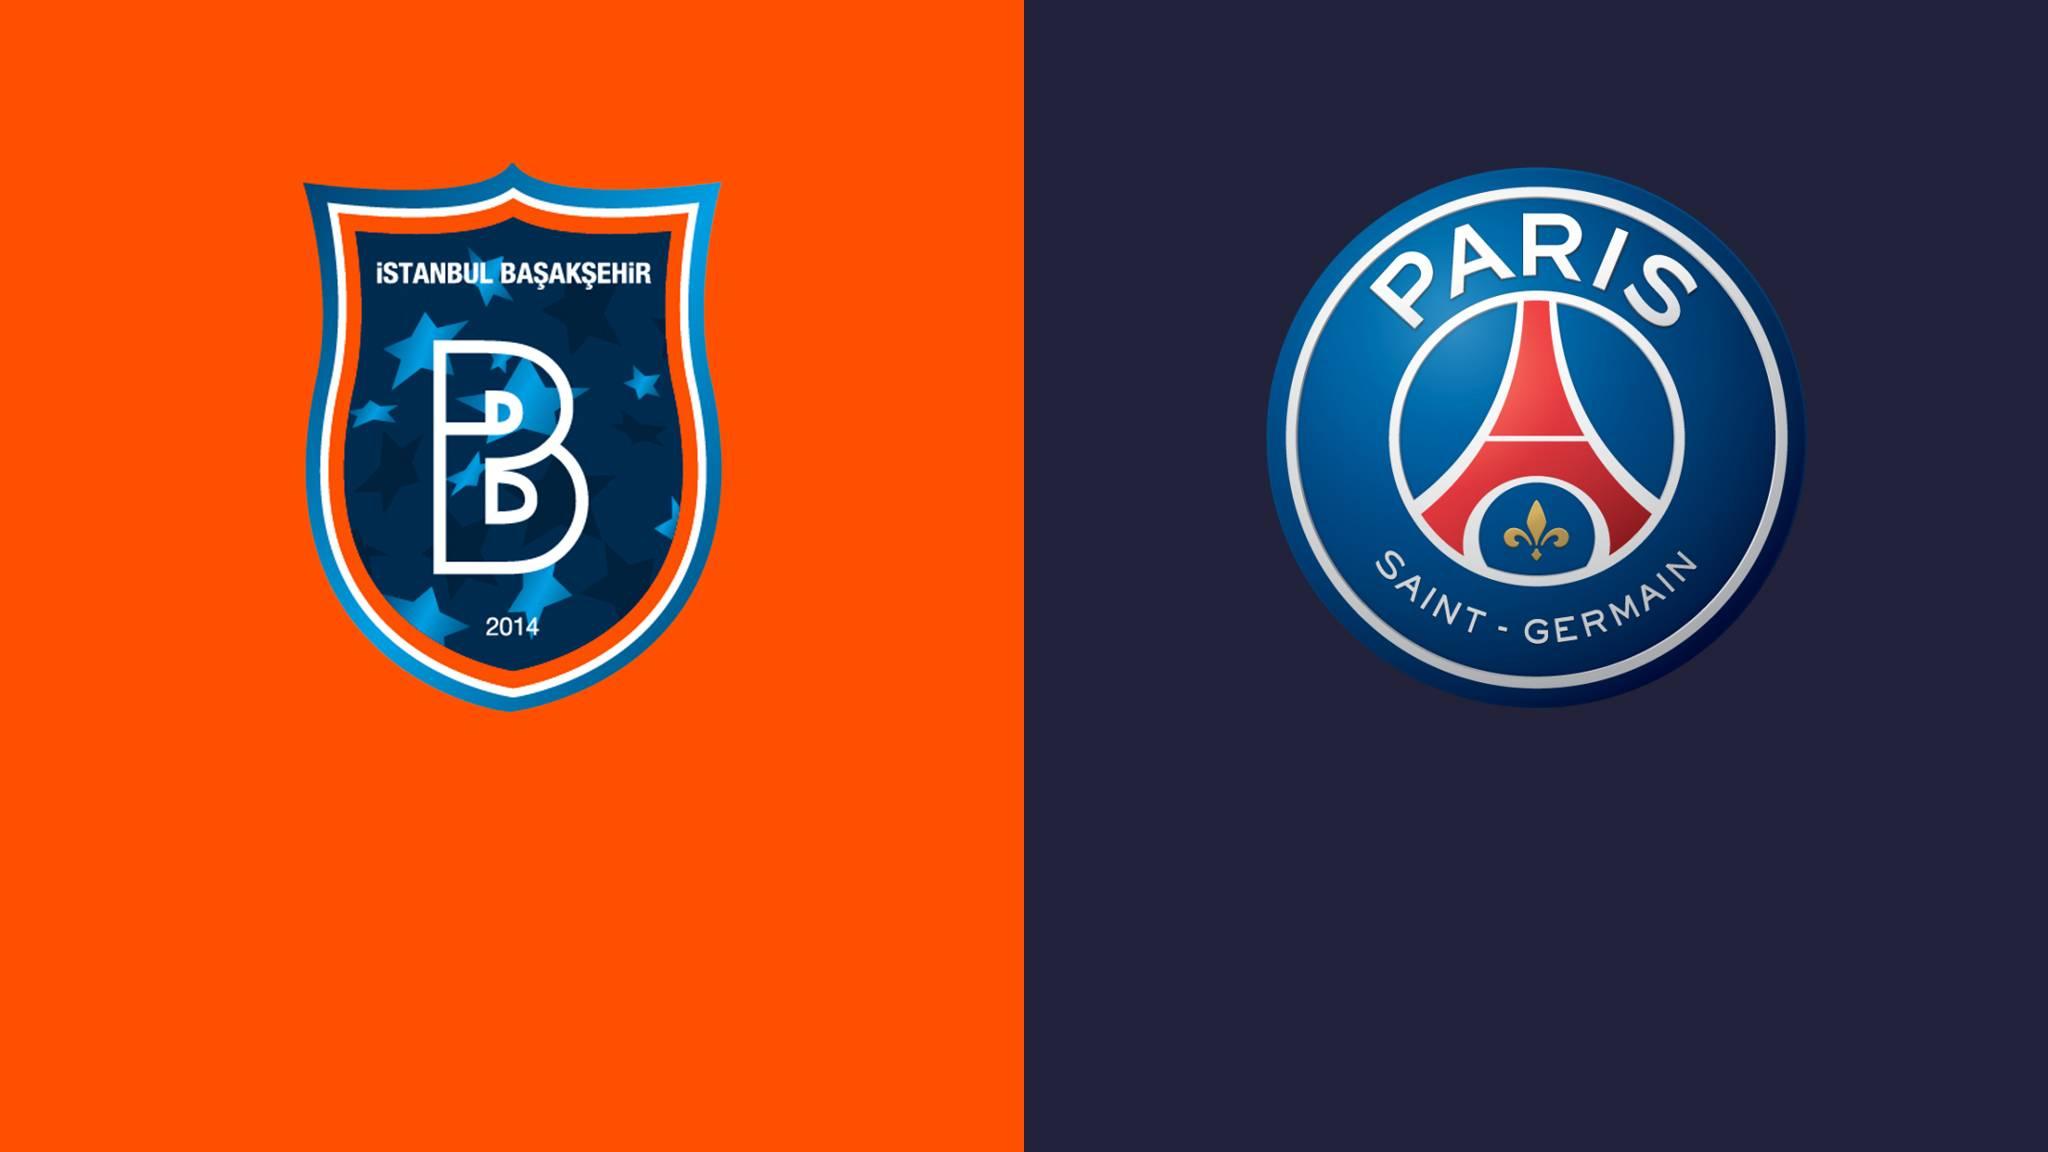 موعد مباراة باريس سان جيرمان القادمة ضد اسطنبول باشاك شهير والقنوات الناقلة في دوري أبطال أوروبا